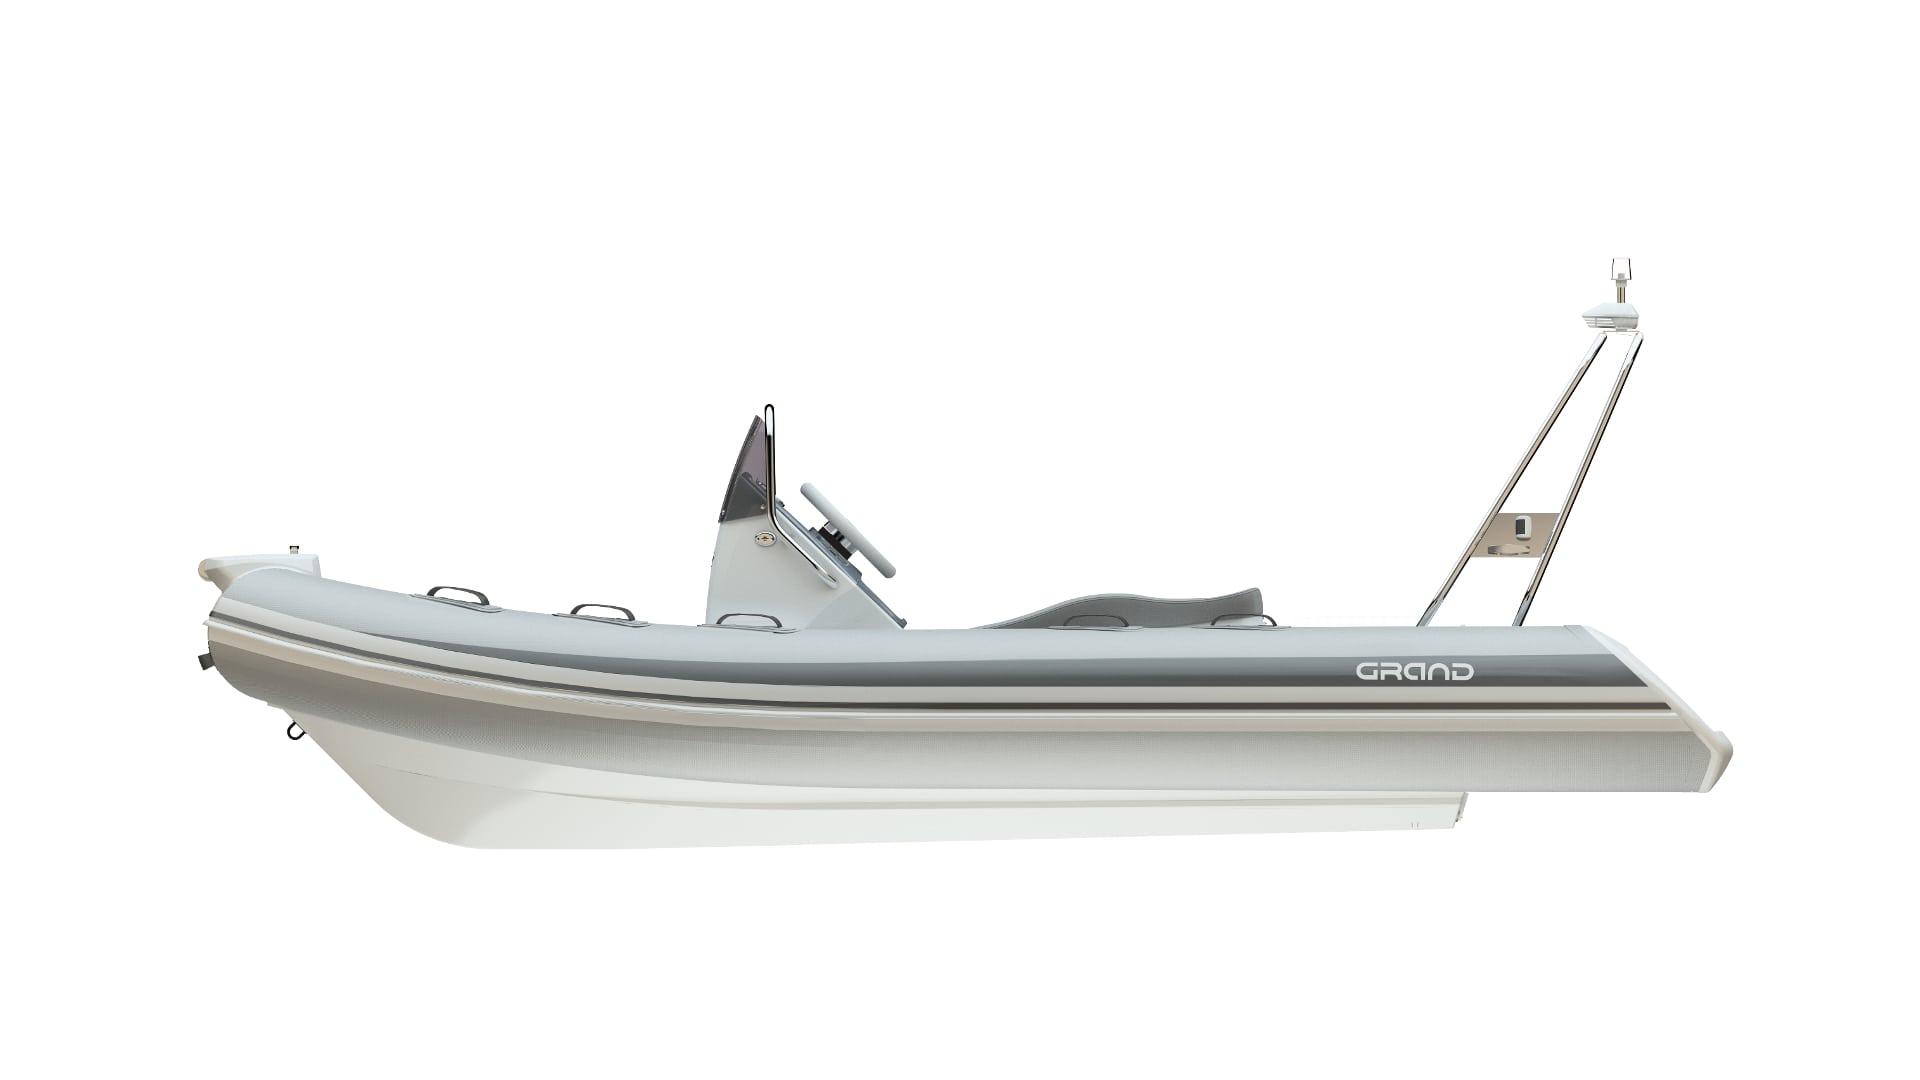 Надувная лодка с жестким дном GRAND Silver Line S420NS, Надувная лодка GRAND Silver Line S420NS, GRAND Silver Line S420NSF, GRAND Silver Line S420NS, GRAND S420NSF, GRAND S420NS, GRAND S420, Надувная лодка GRAND, Надувная лодка ГРАНД, Надувная лодка с жестким дном, RIB, Rigid Inflatable Boats